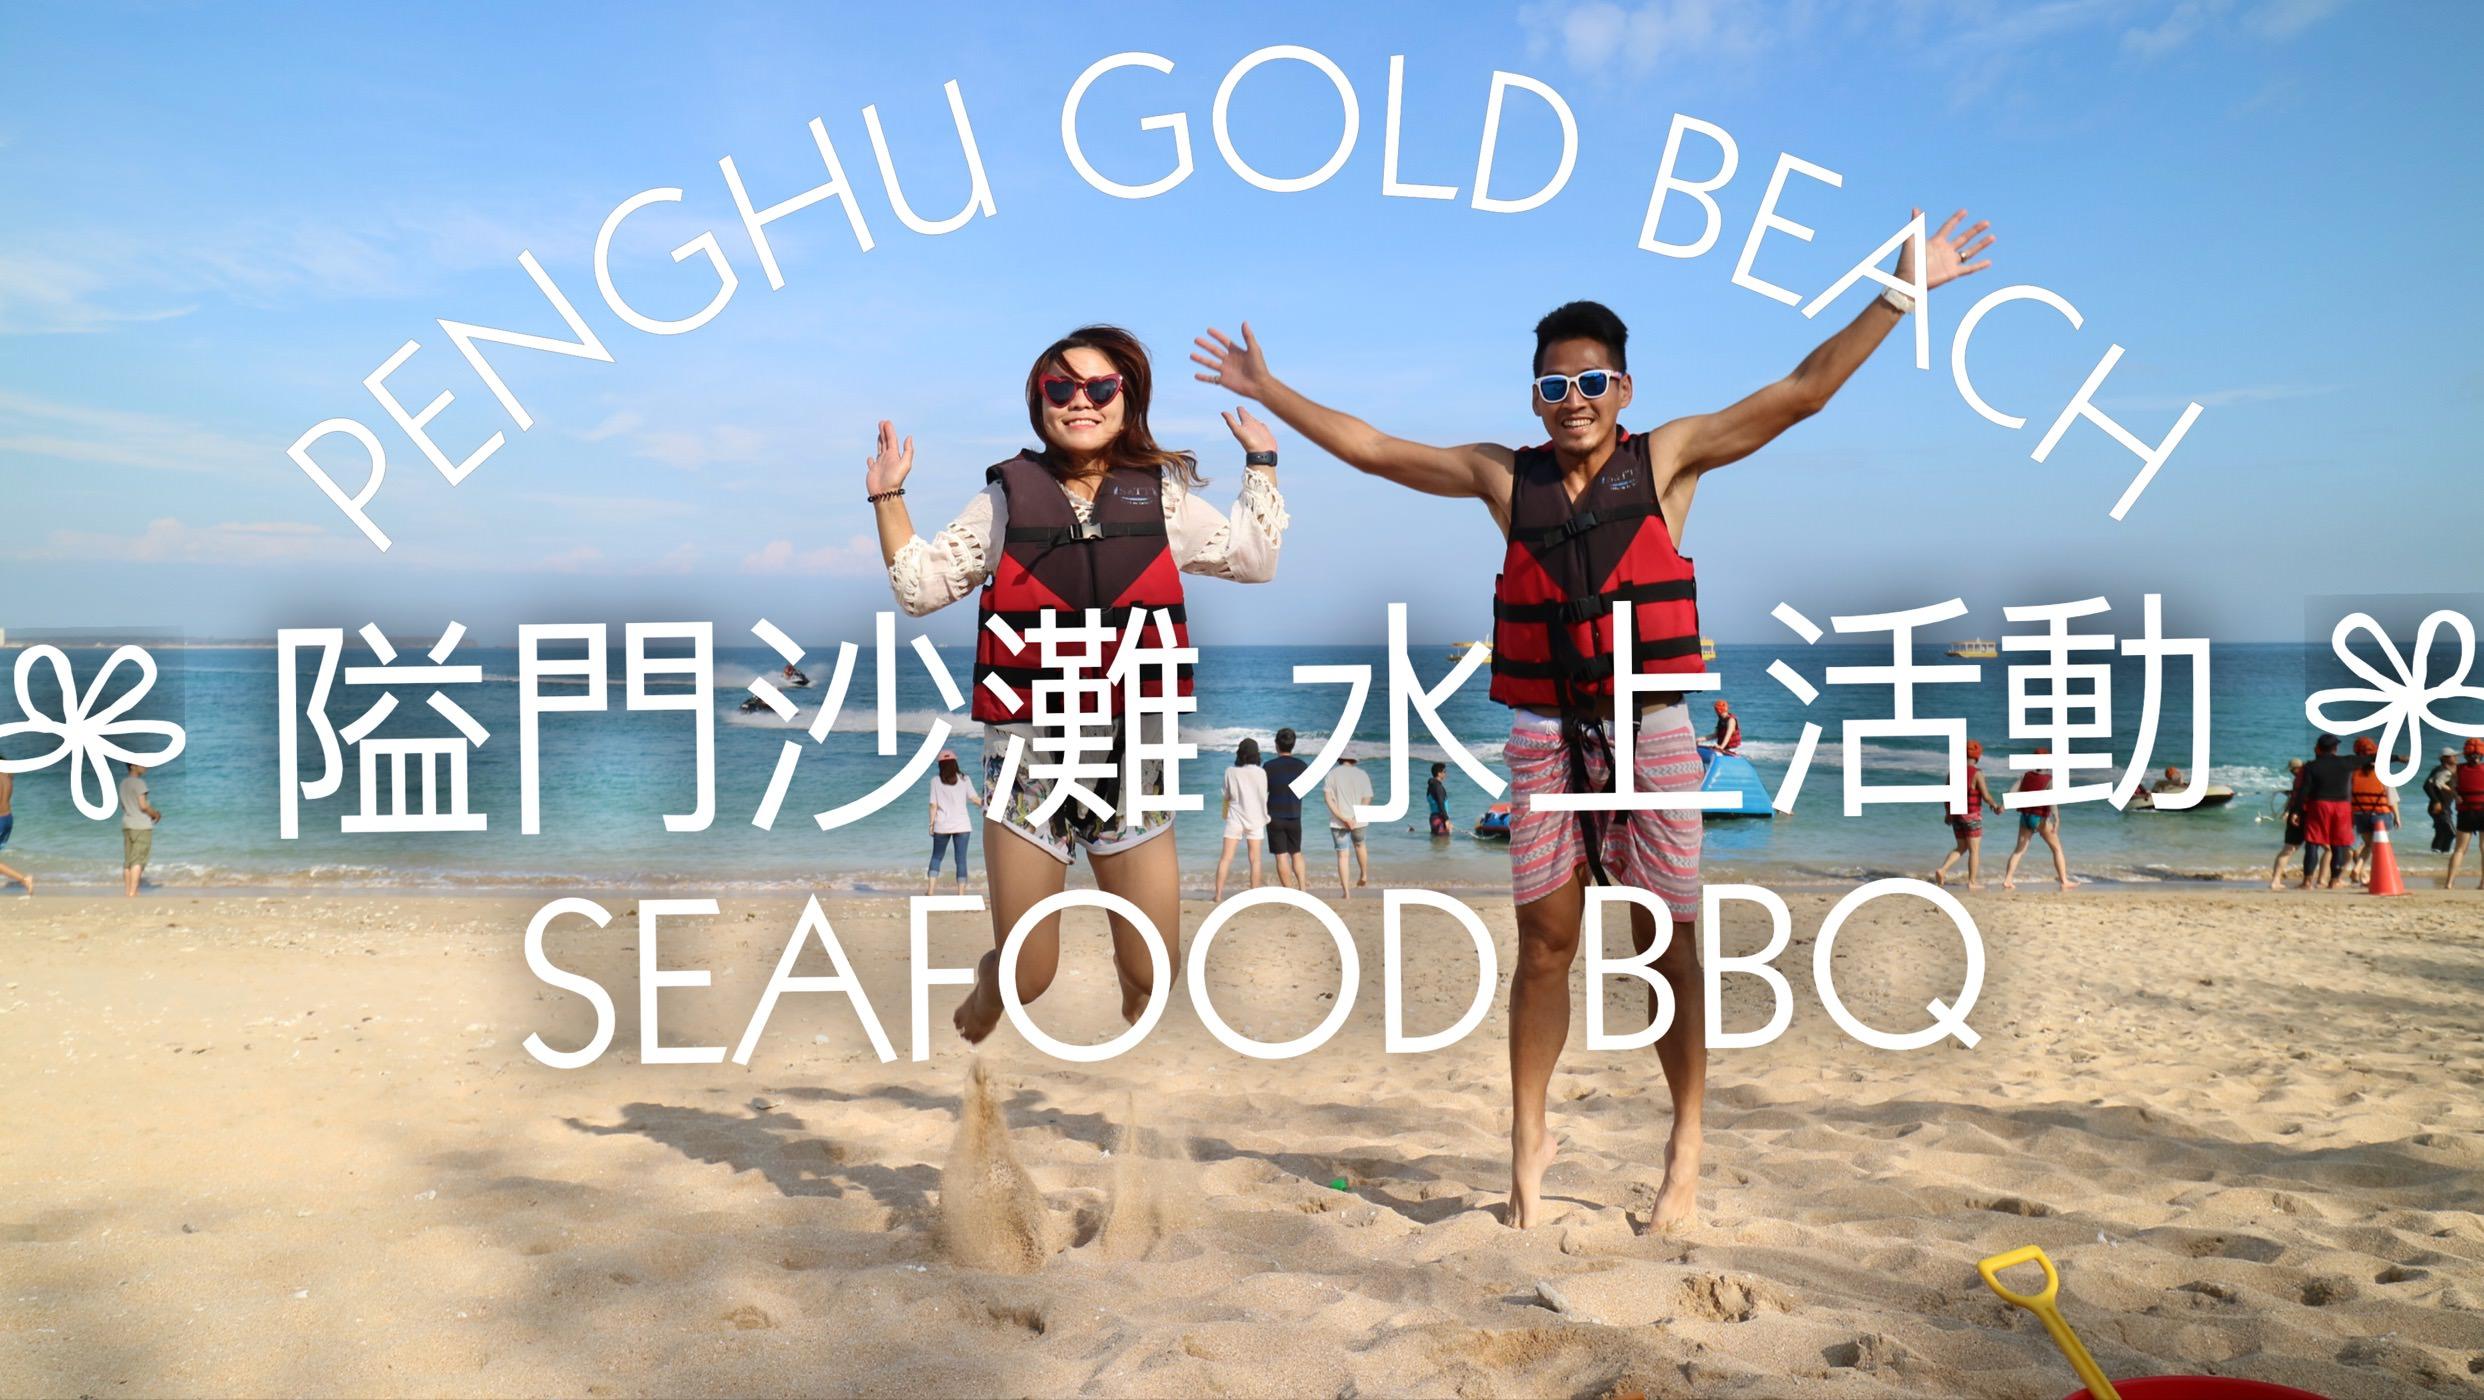 澎湖自由行|| 來澎湖一定要水上活動玩到爽 海鮮BBQ吃不停 最美沙灘 隘門金沙灘